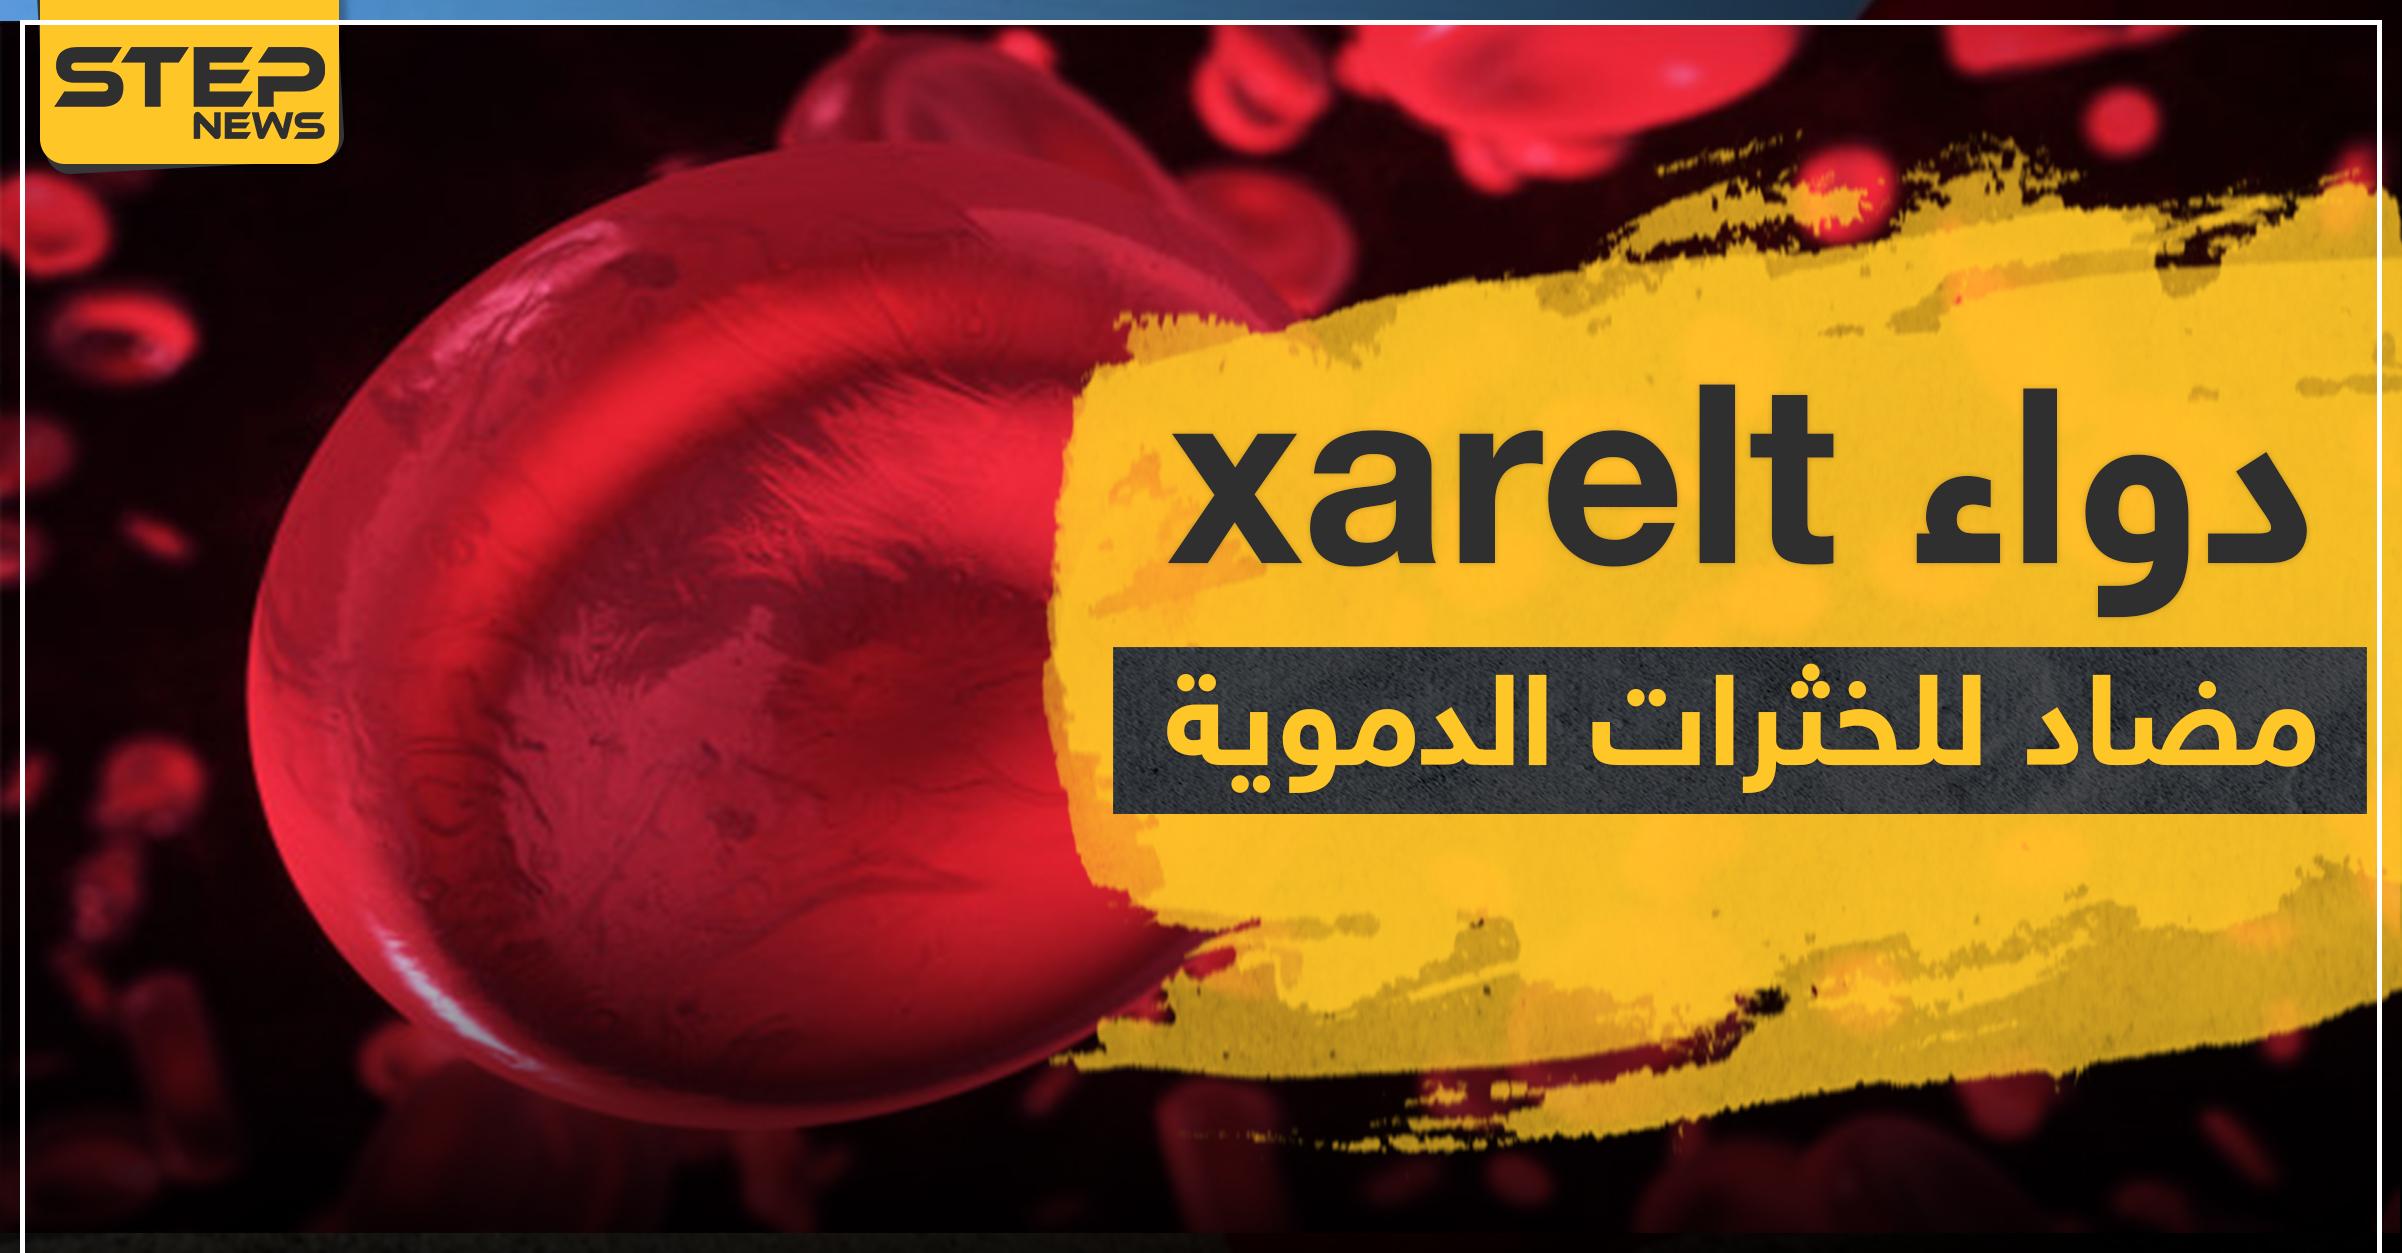 دواء xarelt مضاد للخثرات الدموية